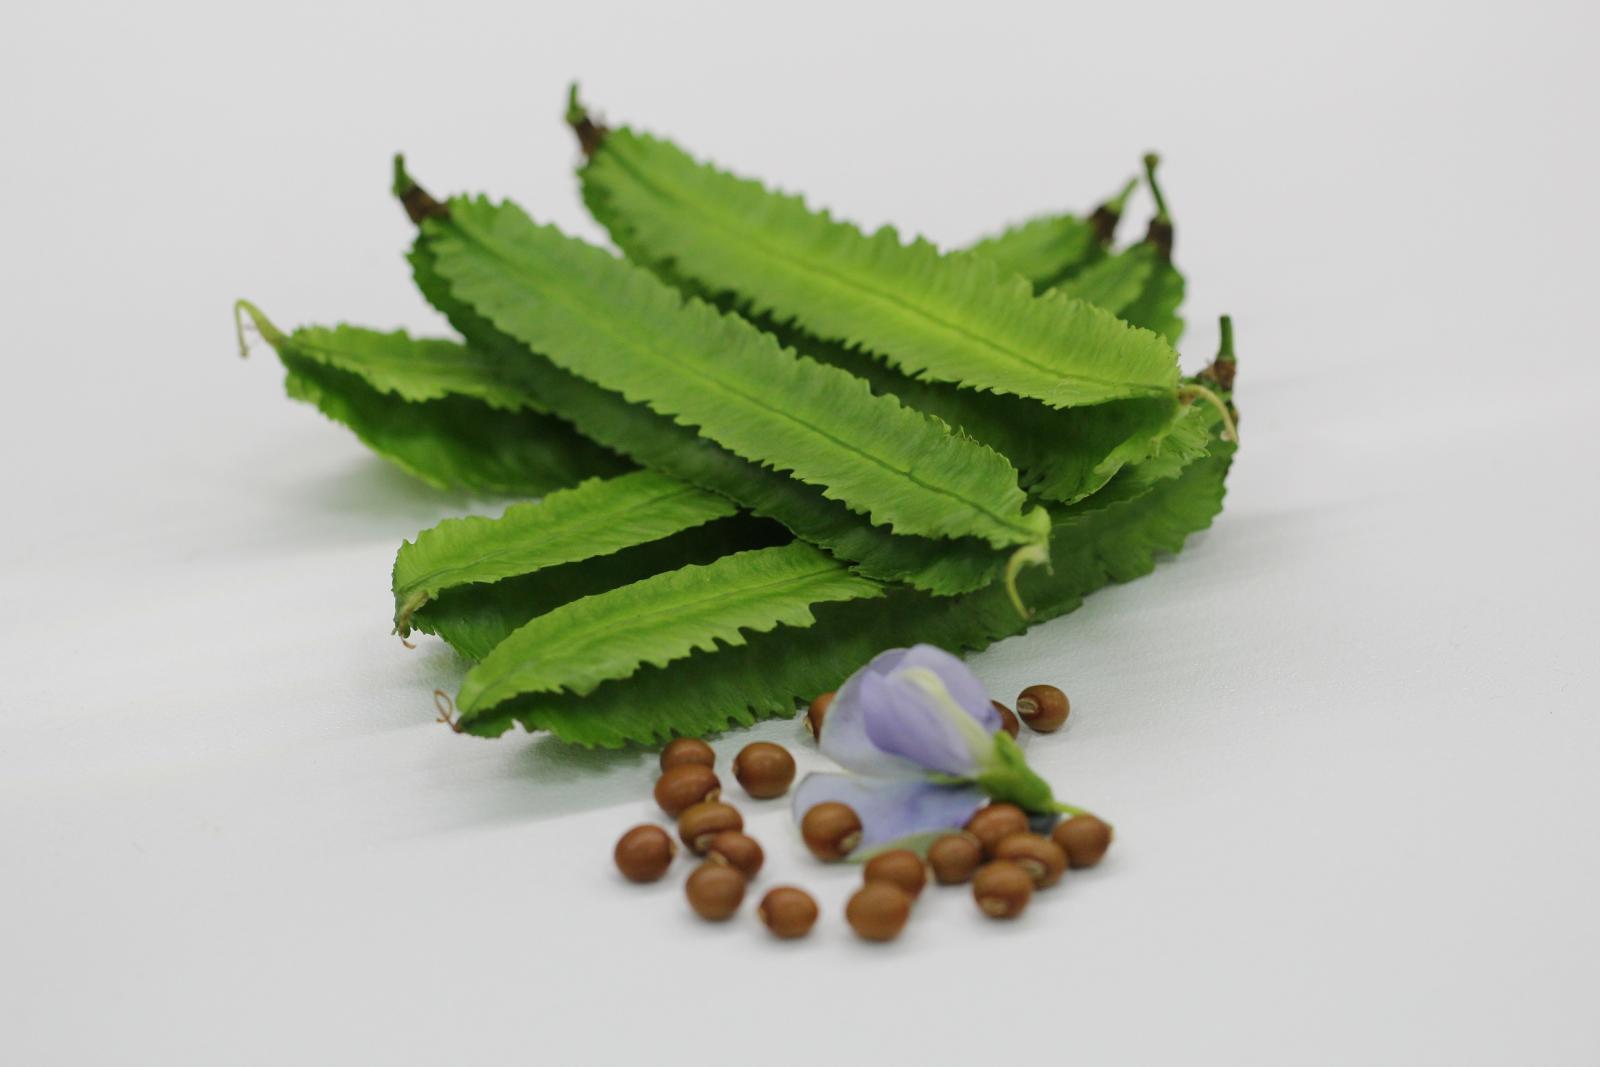 翼豆臺東1號嫩莢翠綠,莢形優良且口感鮮脆